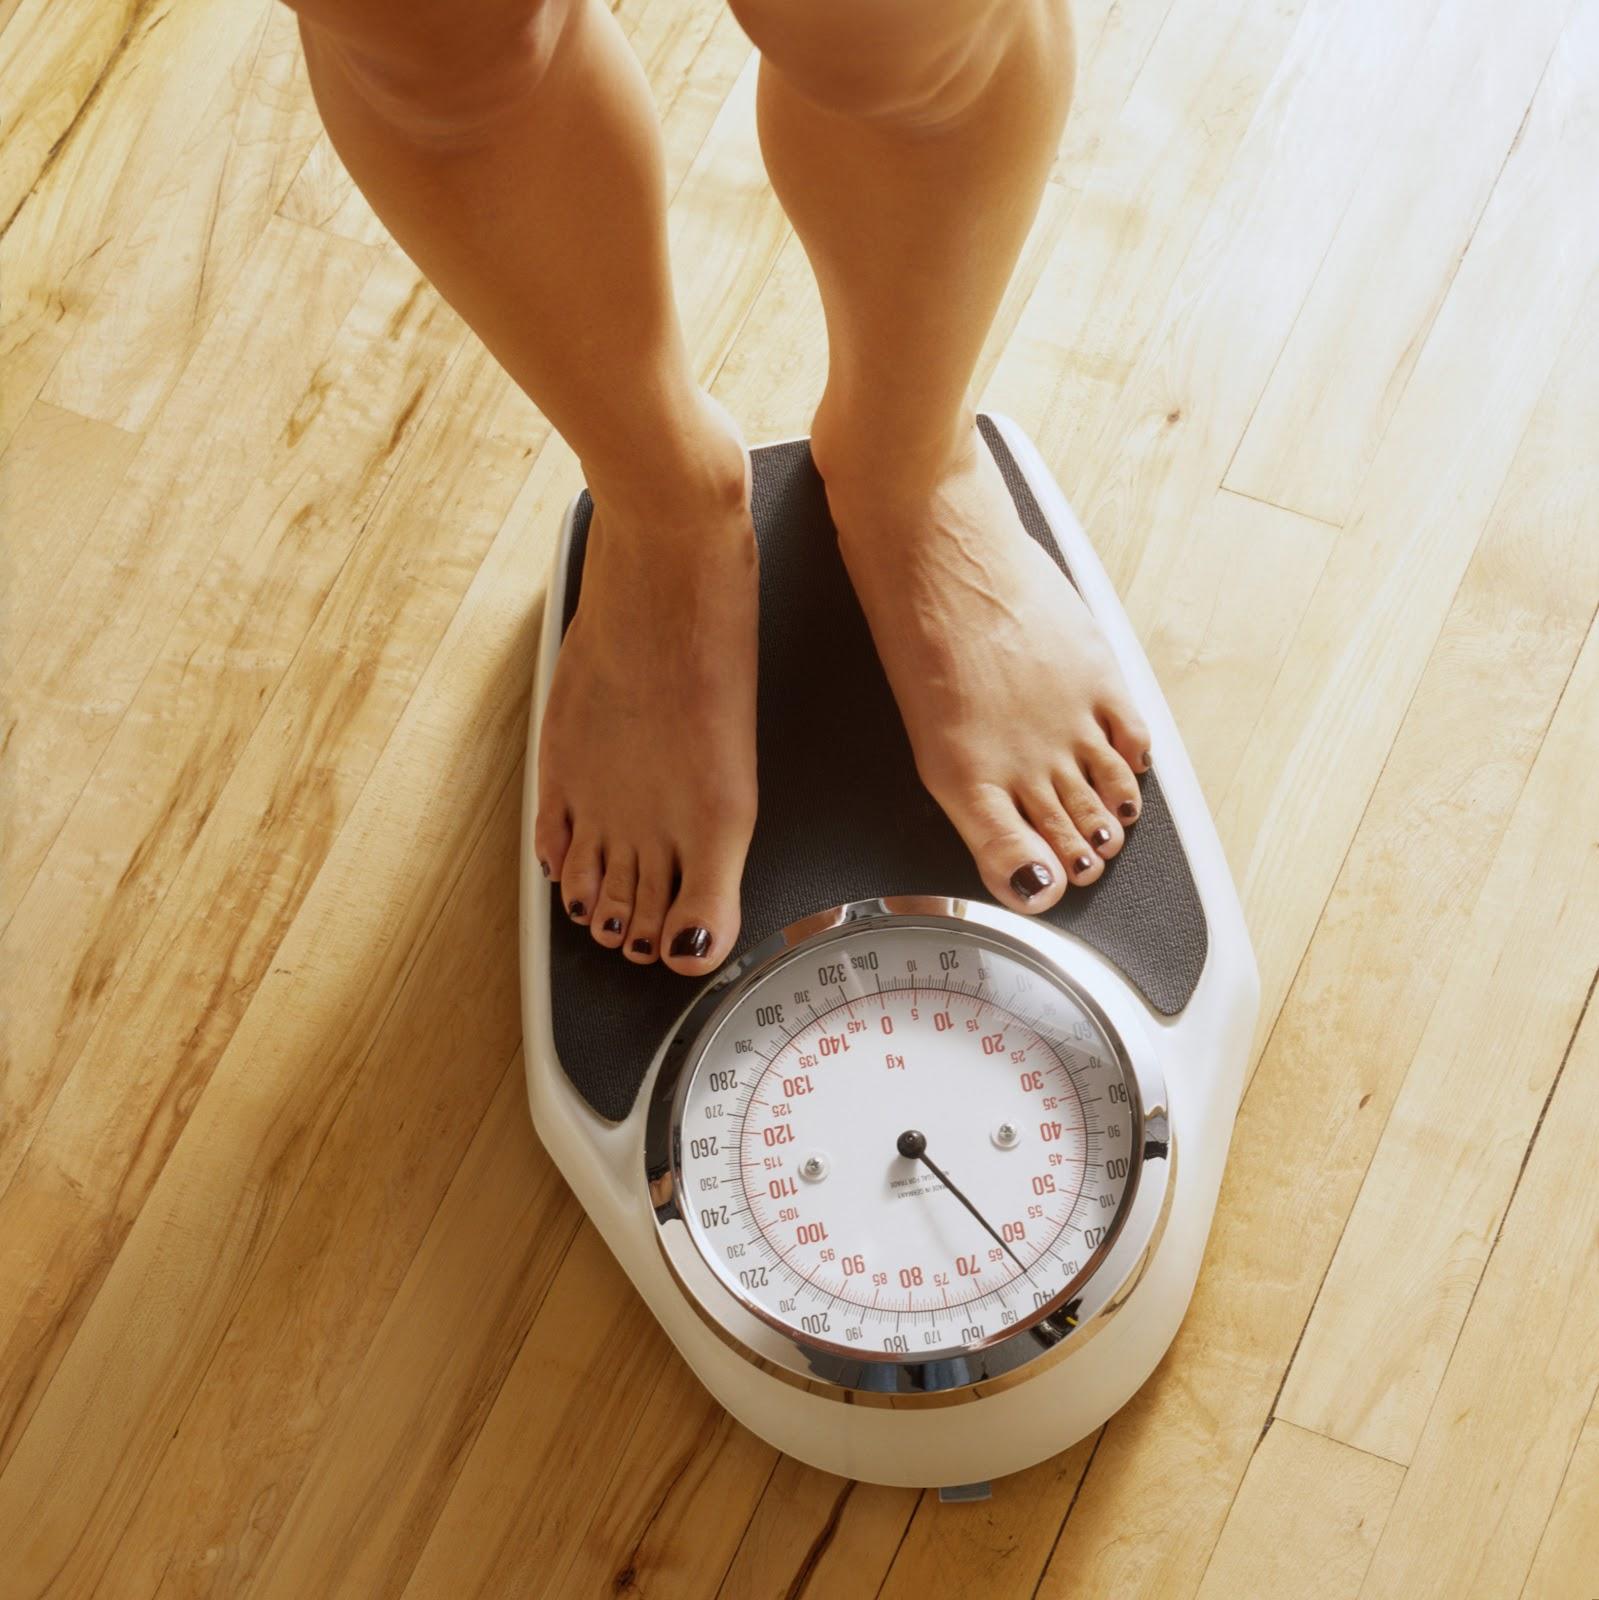 evlilikte kilo alma, evlilik sonrasında kilo alımı